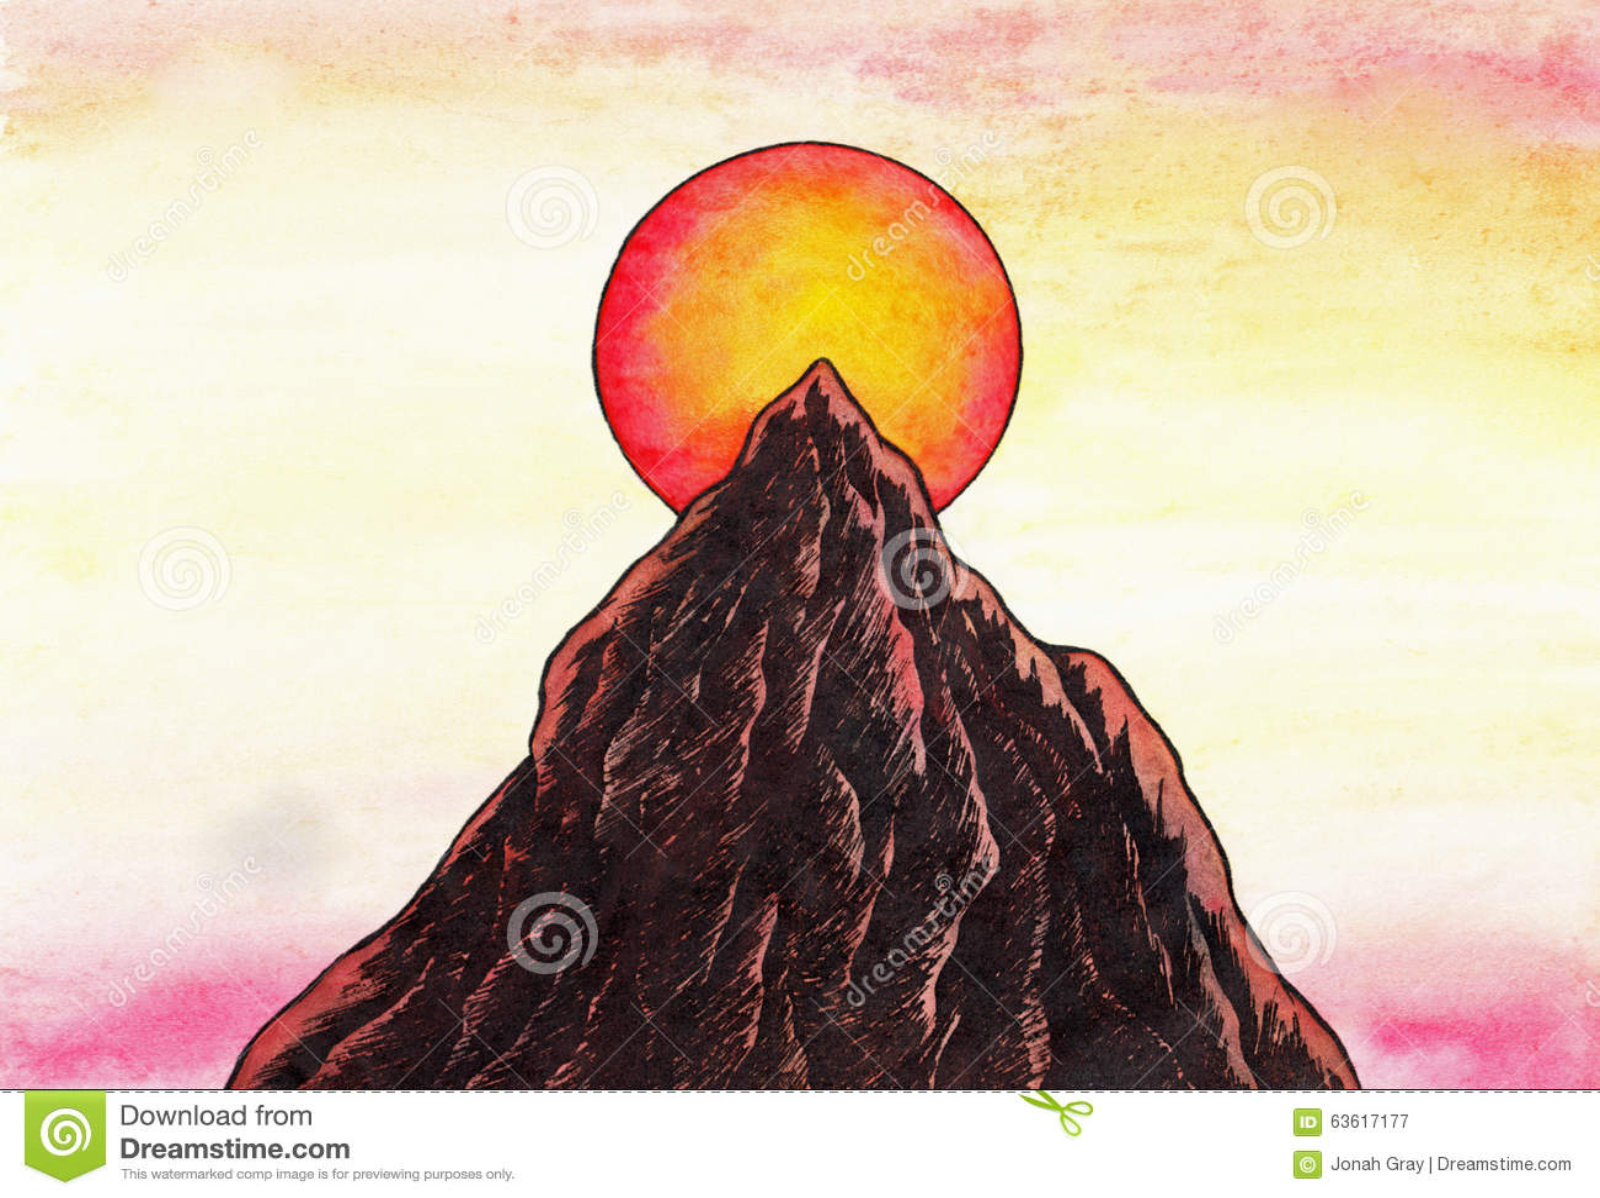 Zen Mountain (Zen Pictures, 2011)